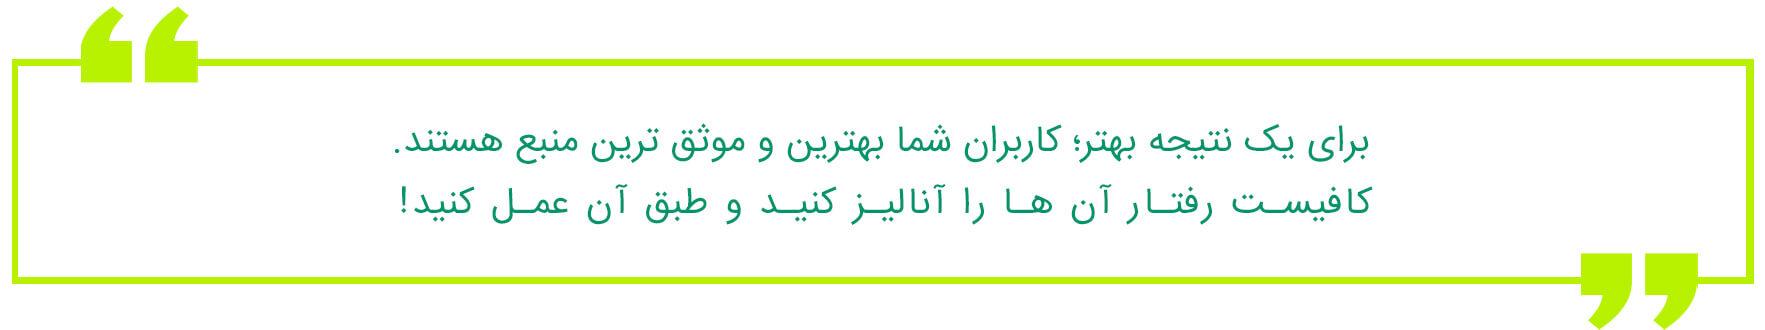 نکته-آنالیز-سایت